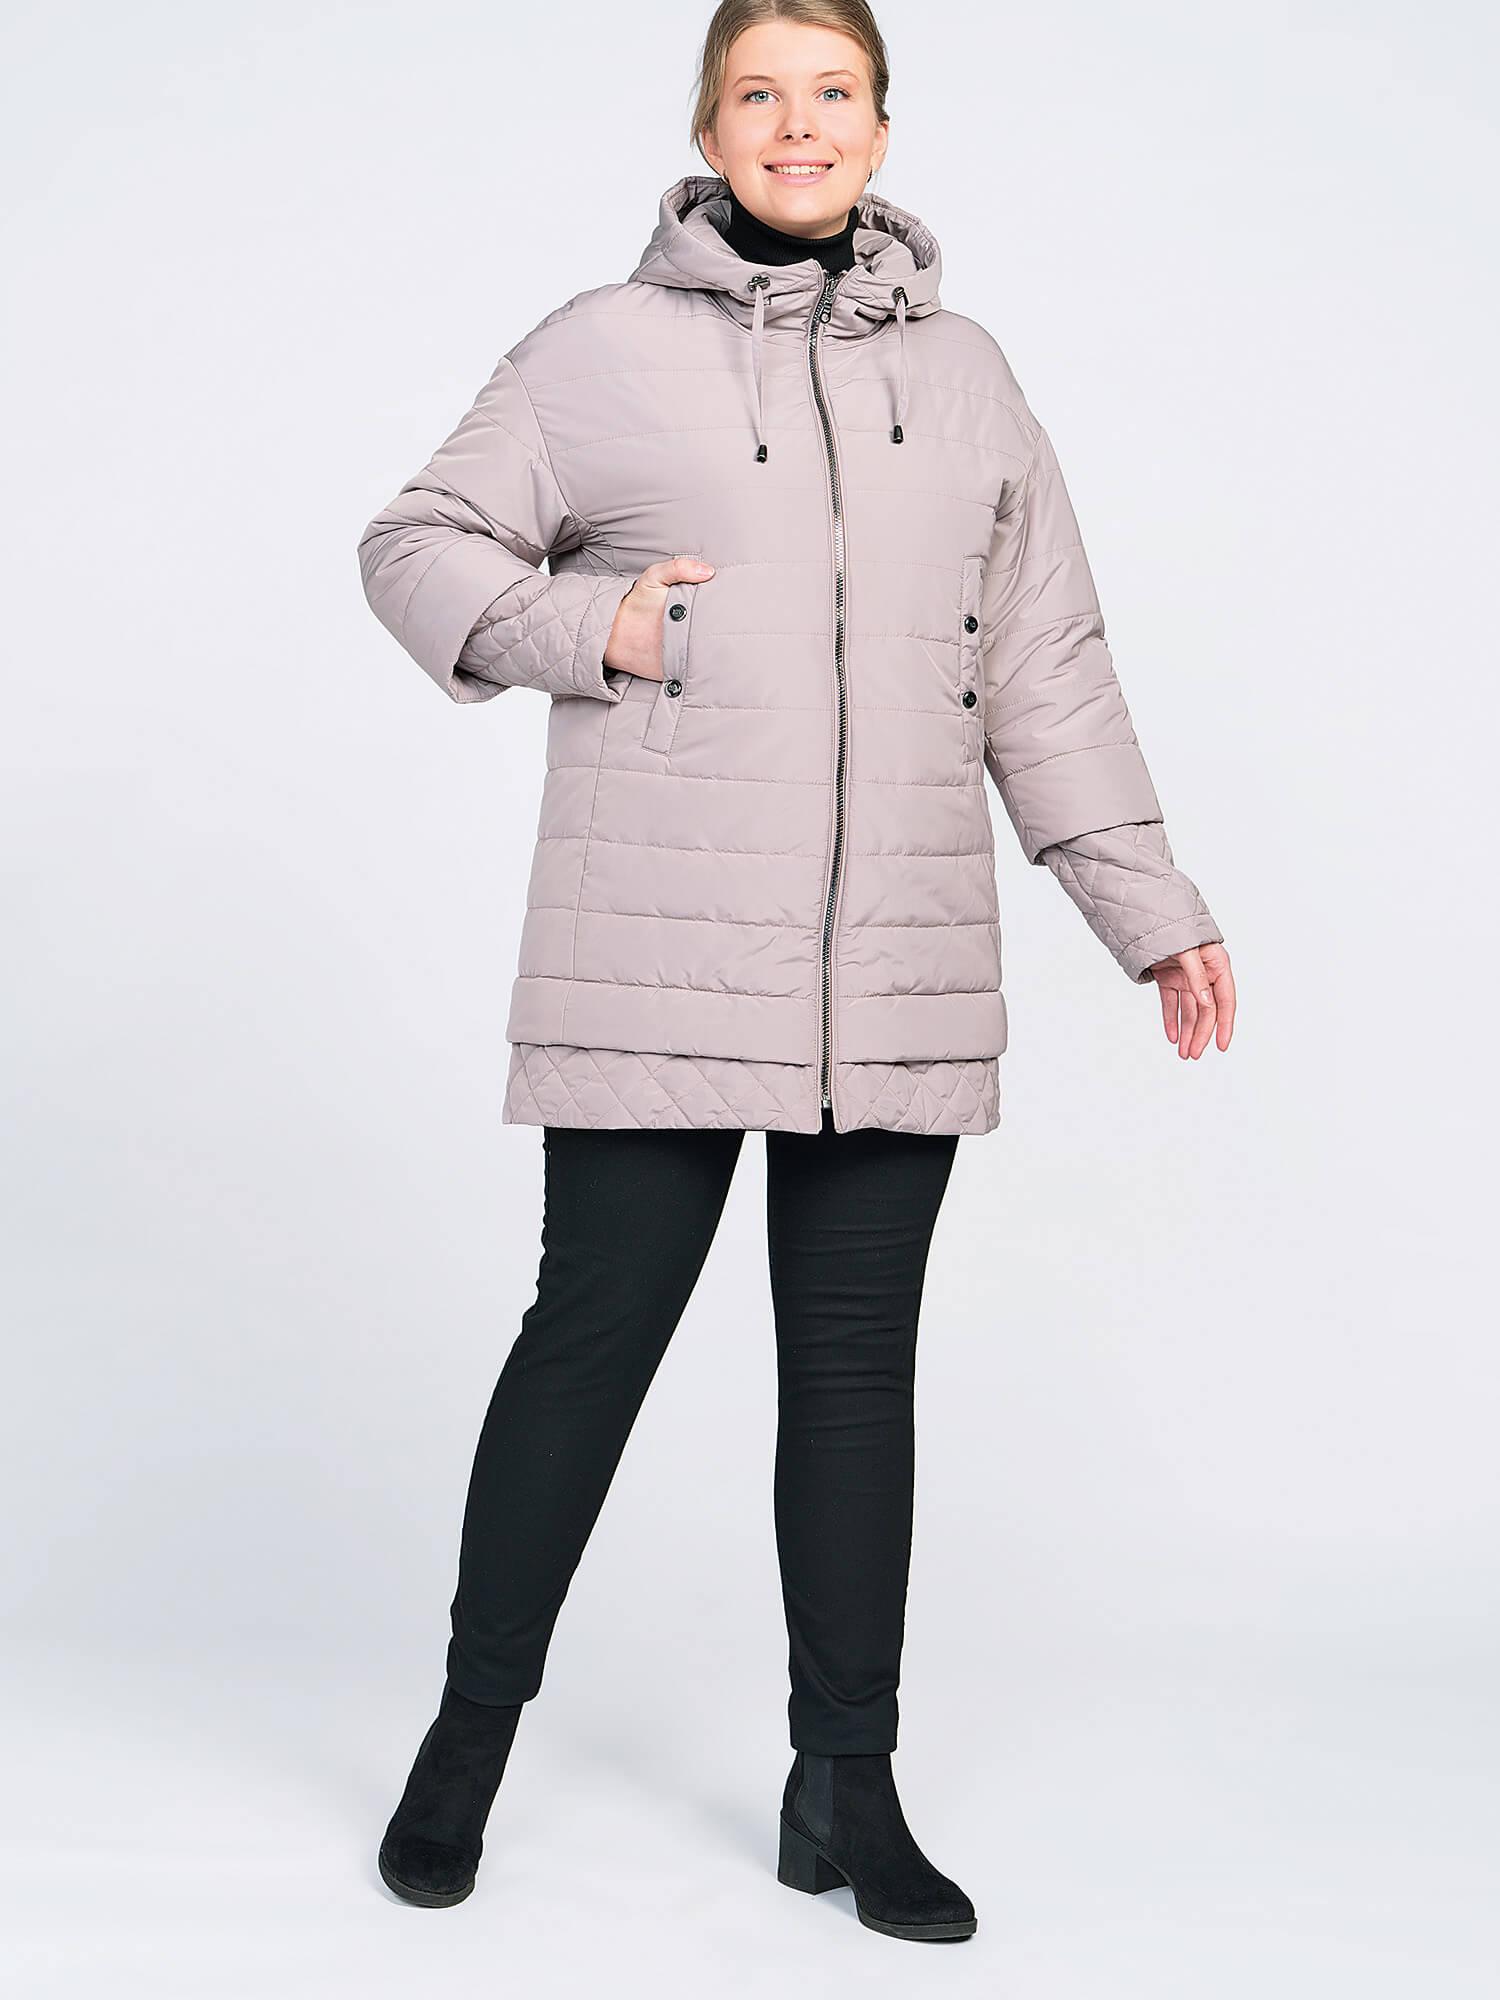 DIXI COAT. Осень/зима 2017/2018. Модель 5175-178